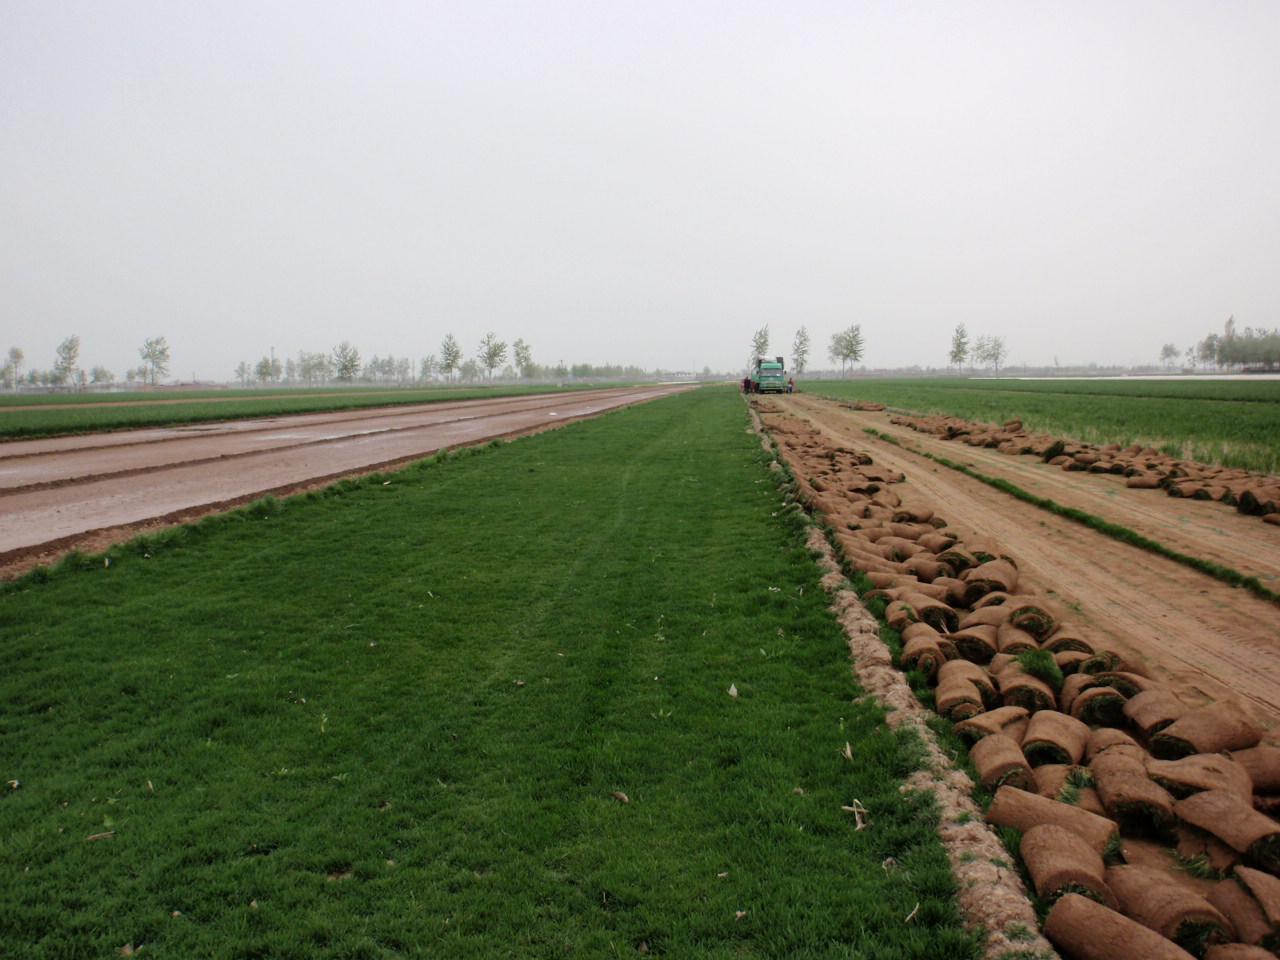 栾城怡佳草坪苗木种植基地,位于栾城县县城南2公里,308国道以东1公里,青银高速入口与草坪基地相连交通便利。我基地创建于1993年,有原县委书记郑雪碧同志,带领县委,县政府选择有利地块、肥沃的土壤建立了怡佳草坪种植基地,目前草坪基地规模已发展到6千多亩,销往内蒙古自治区、山东省、山西省,天津,等各地。 怡佳草坪基地主要生产早熟禾、高羊茅系列的优质草坪。早熟禾生产以冷季节草坪为主,主要品种有百思特、午夜2号、橄榄球、解放者、高尔夫等一批优秀的草坪品种。草坪卷完整有力无破损,经过数年的种植所用的草坪种子所生产